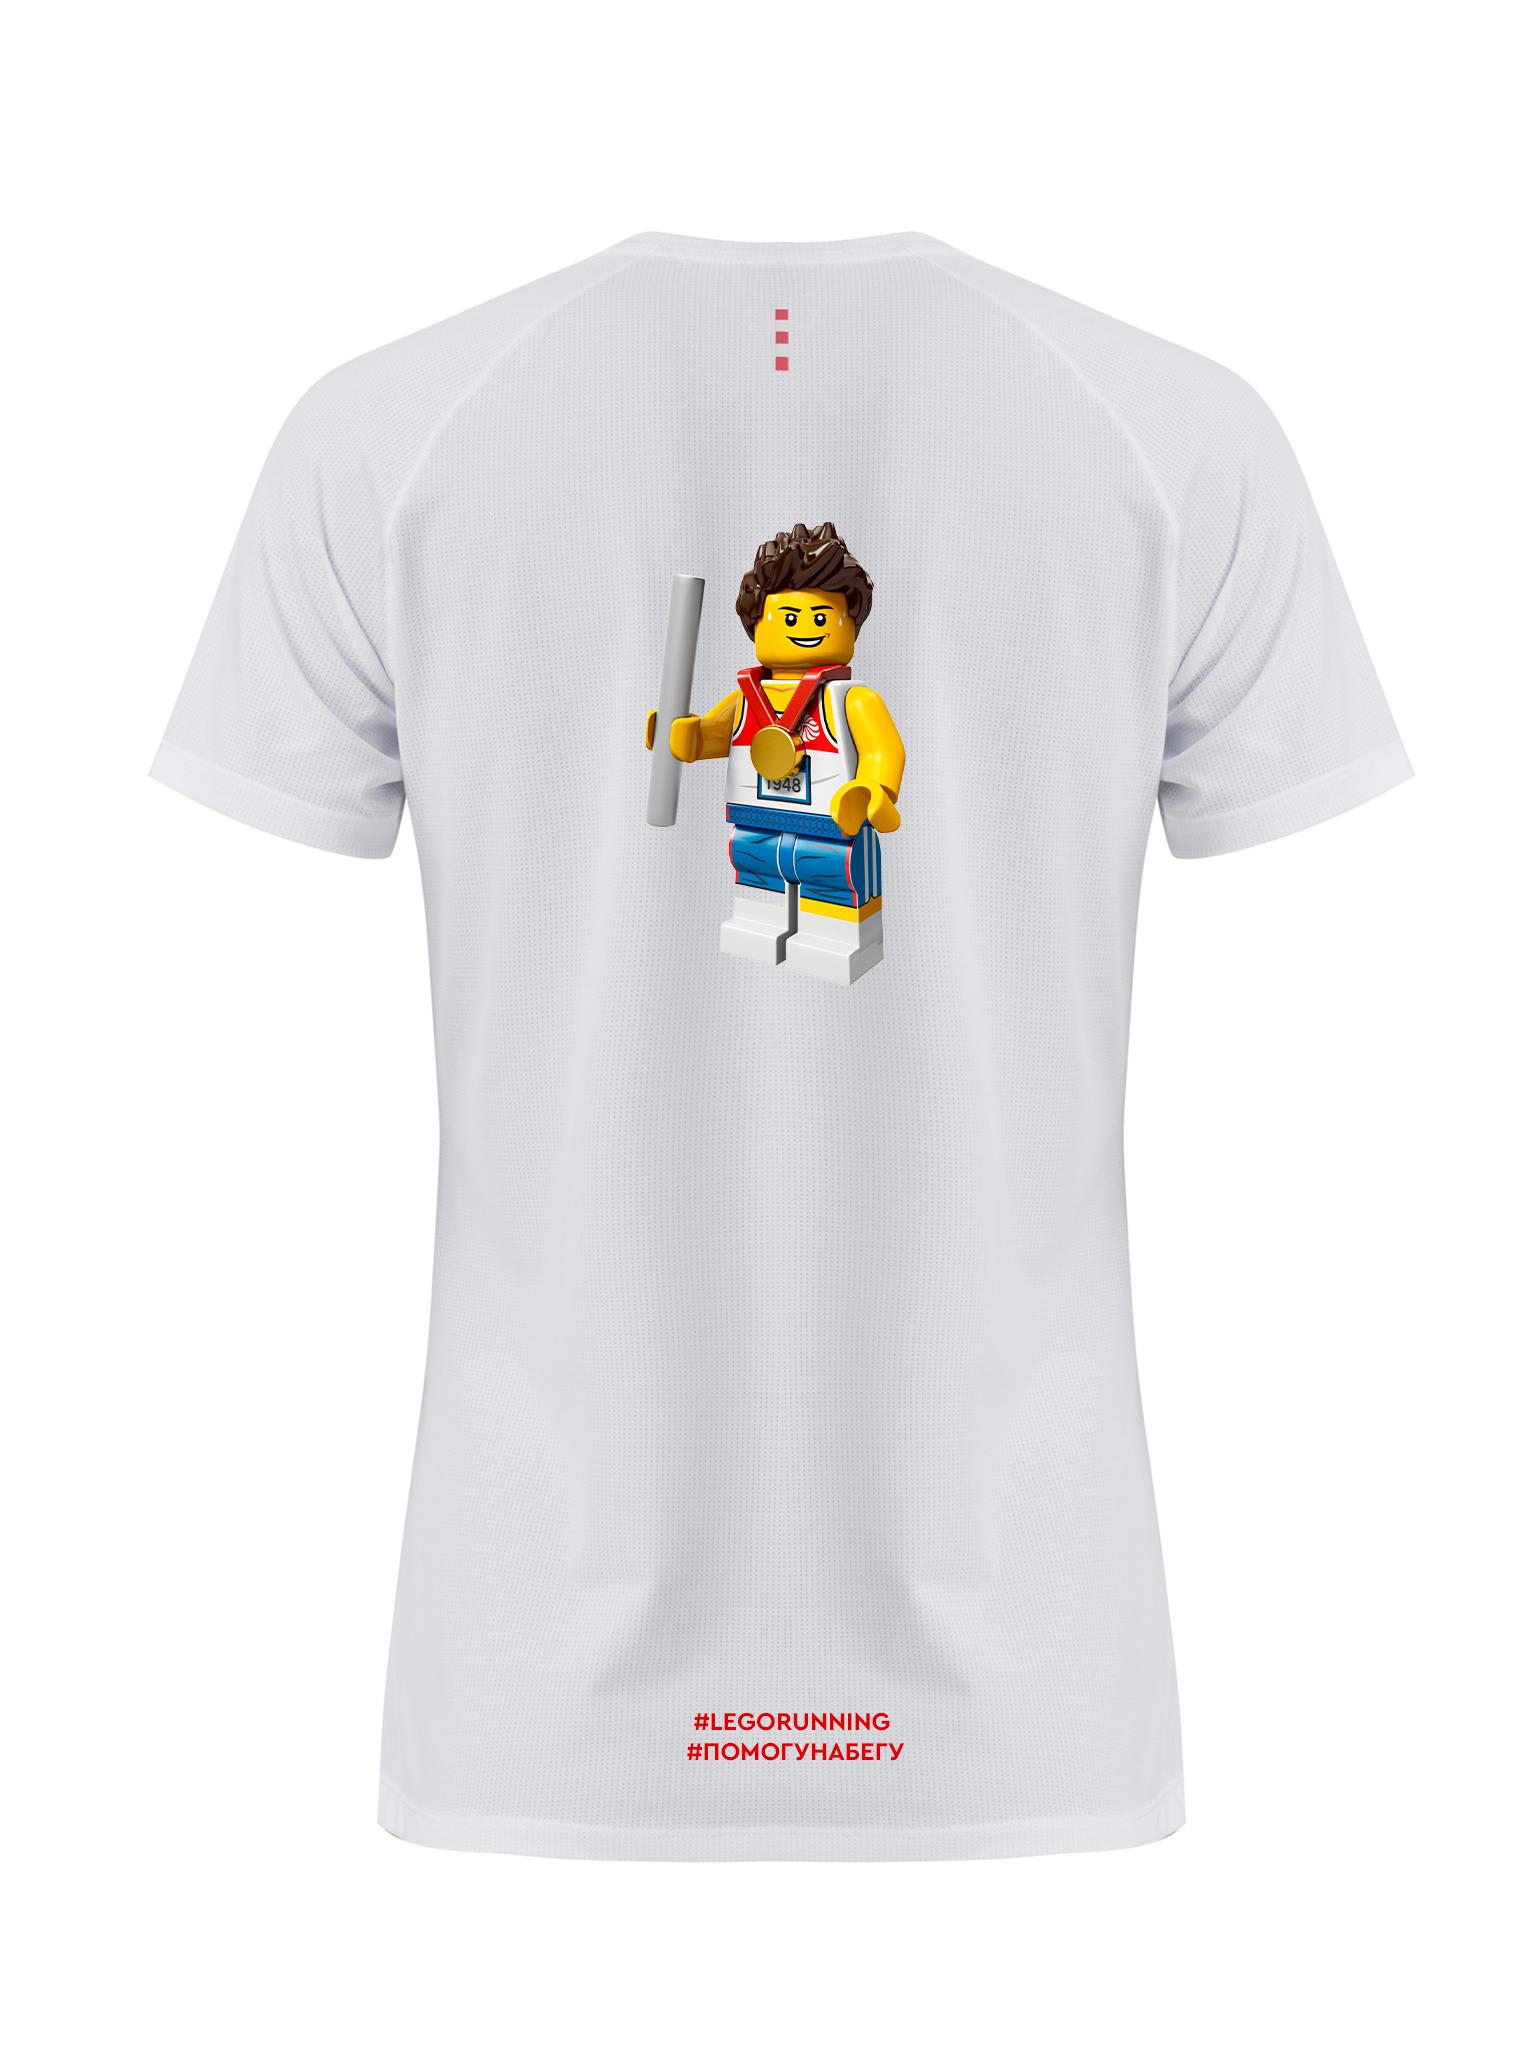 Нанесение логотипа Lego, шелкография